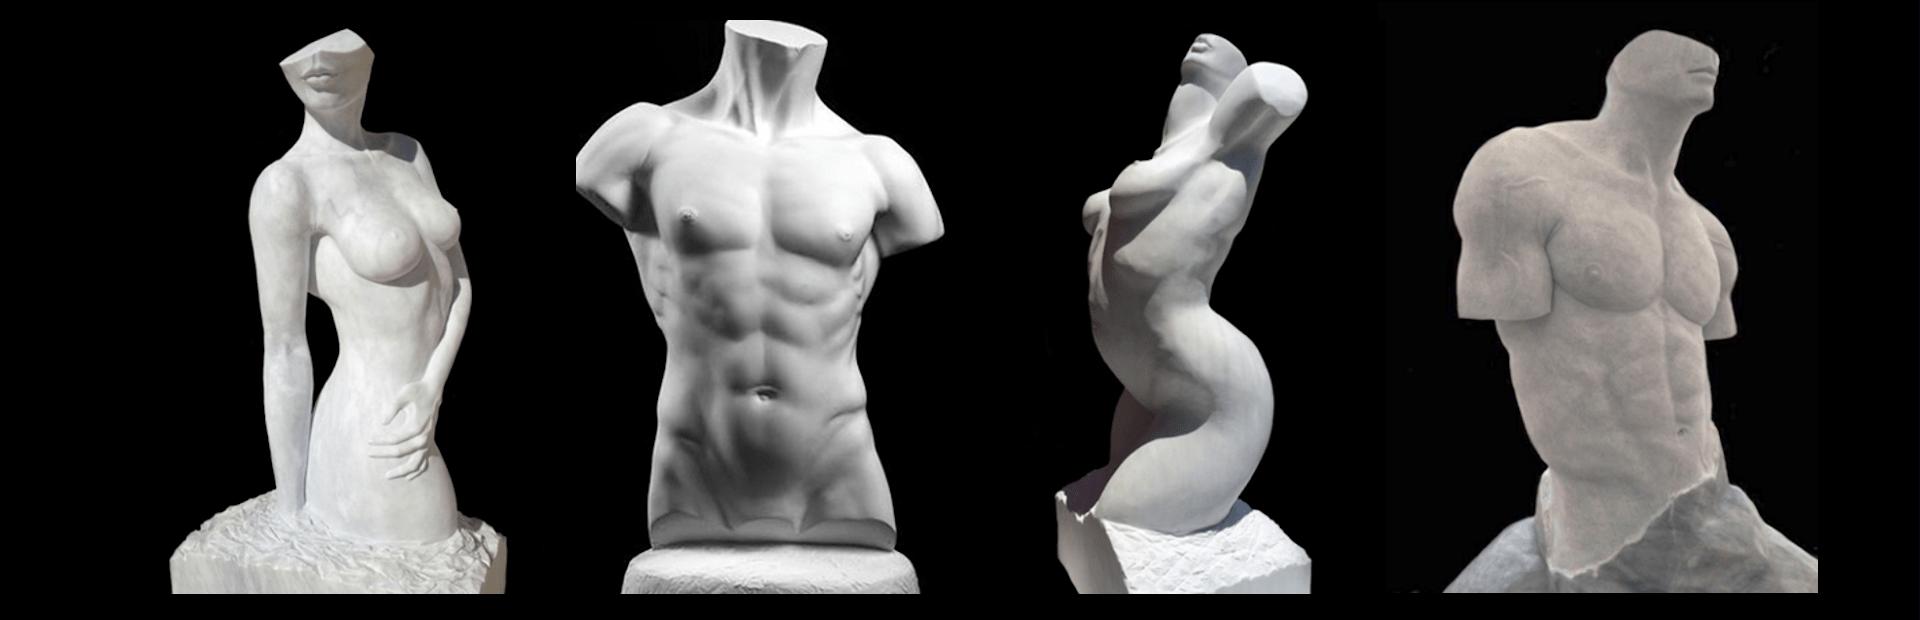 scultura muscolare esempi